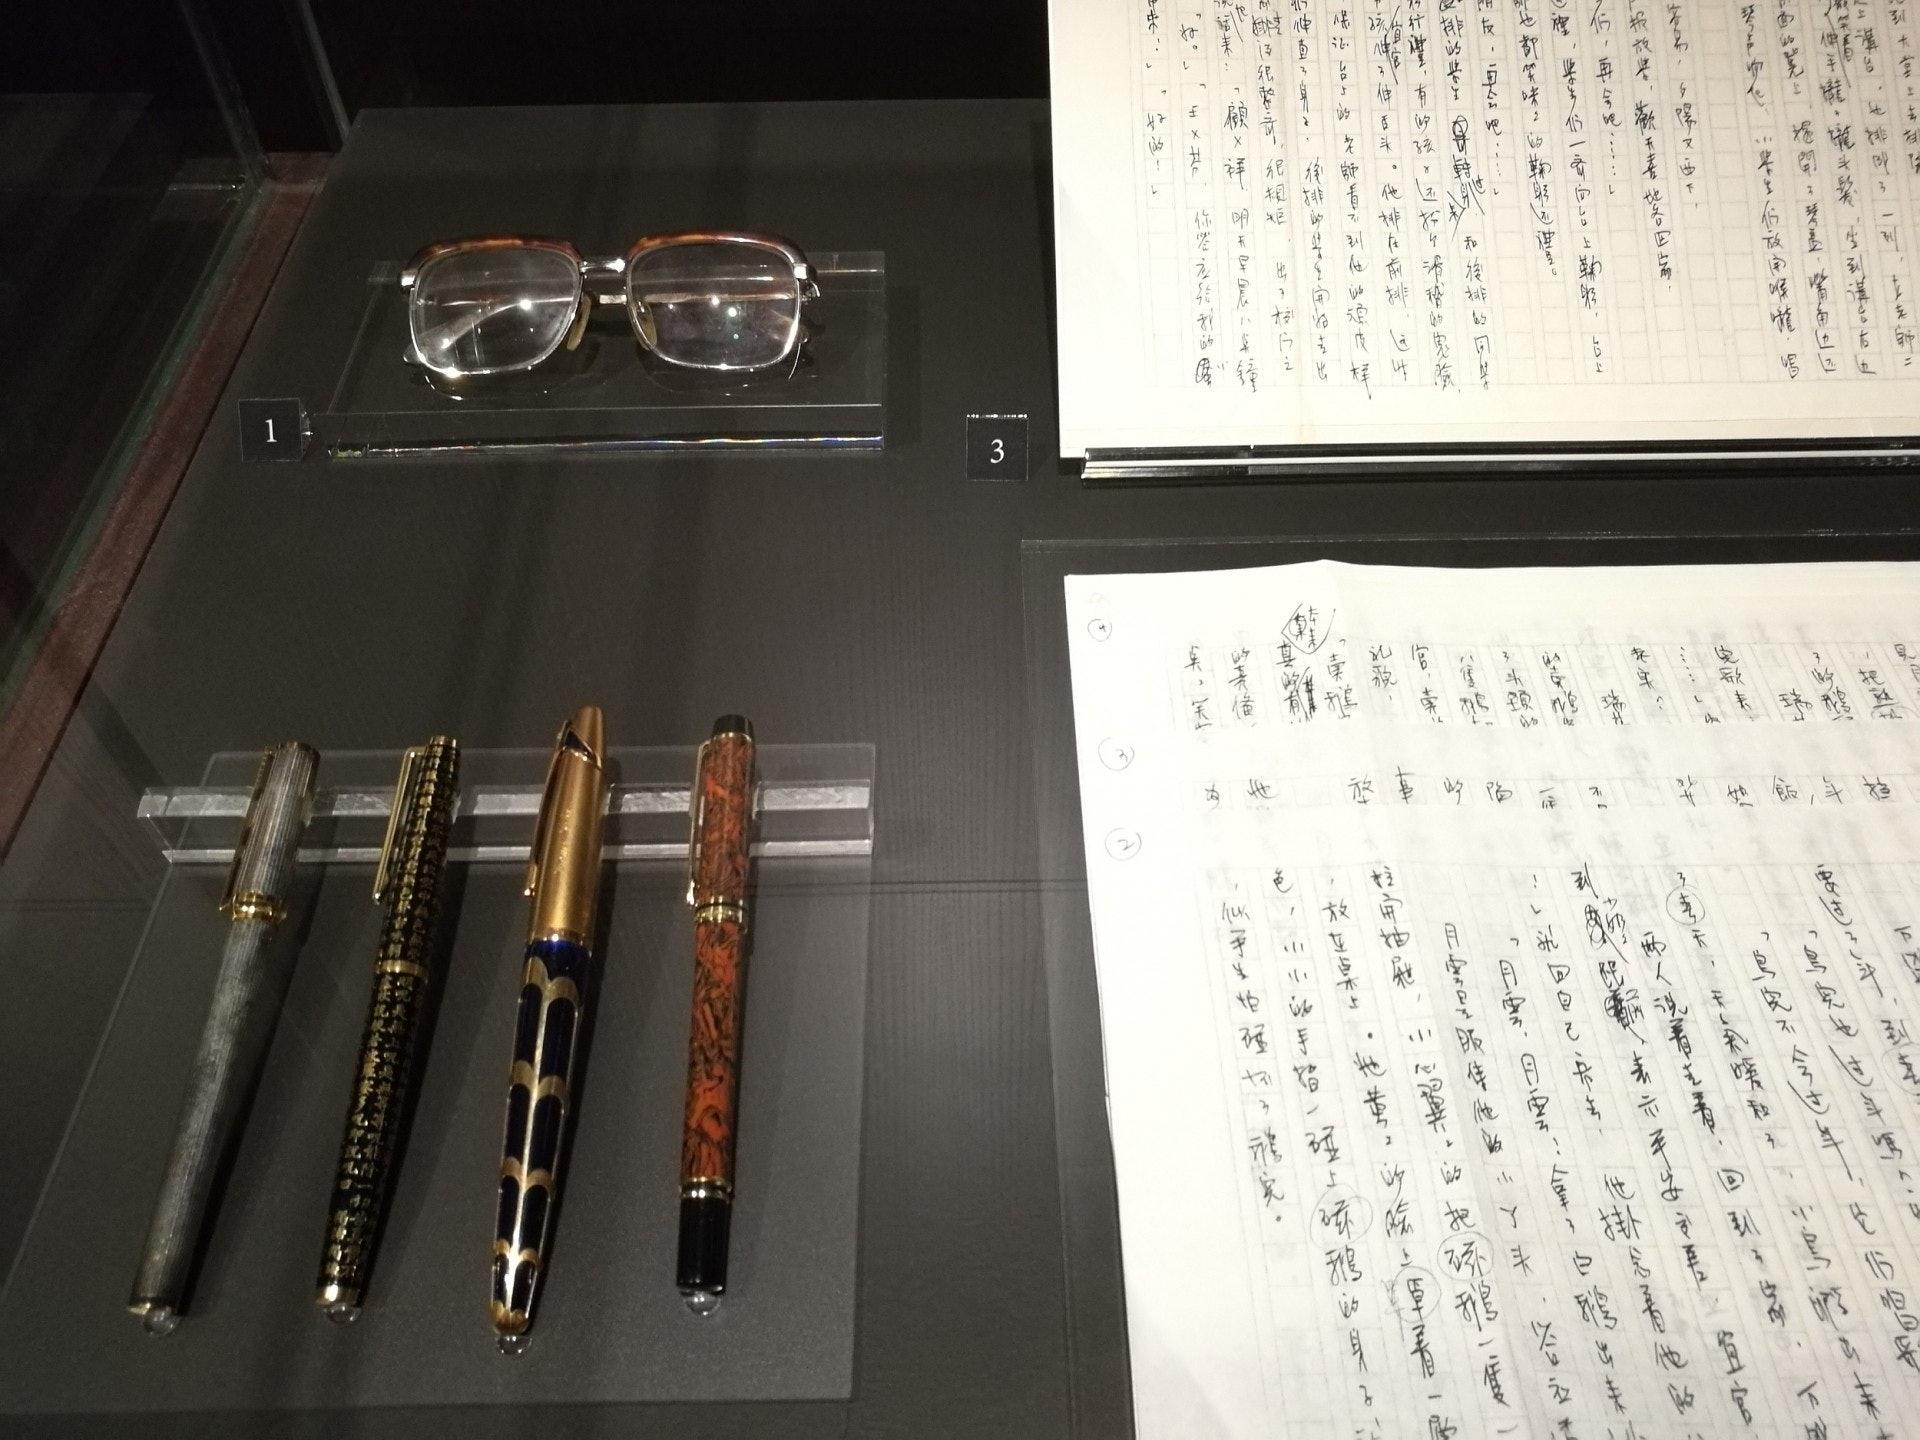 就連金庸先生用過的眼鏡及鋼筆,展覽都有收藏。(VCG)